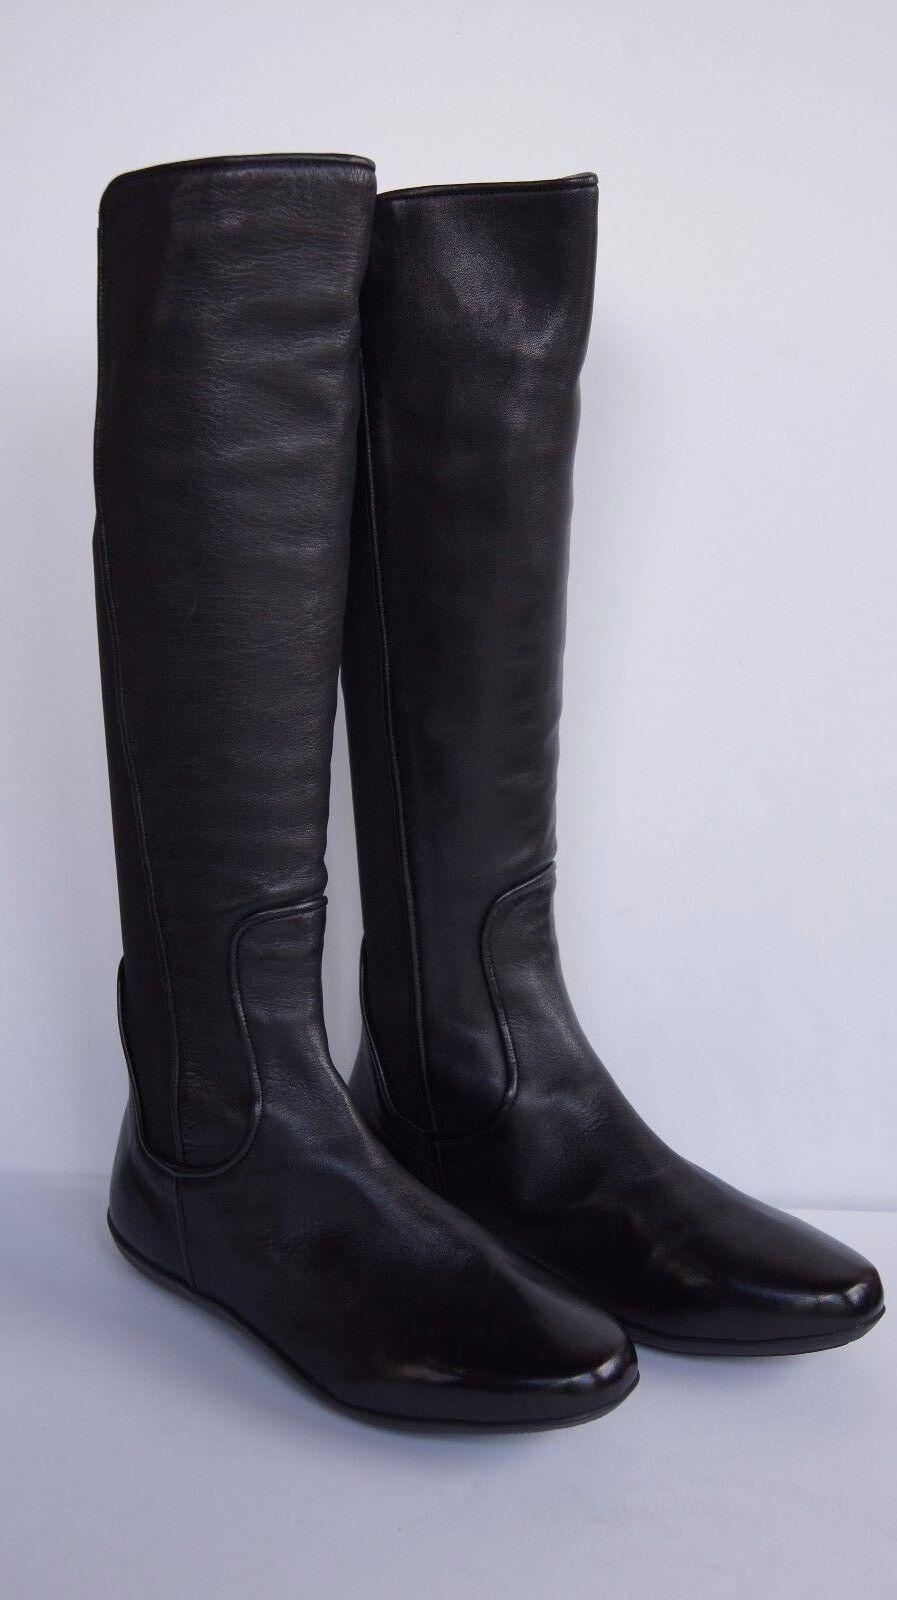 Johnston & Murphy botas botas botas para mujer Shawna Negro Cuero Equitación Bota Talla 8 Nuevo  ahorra 50% -75% de descuento